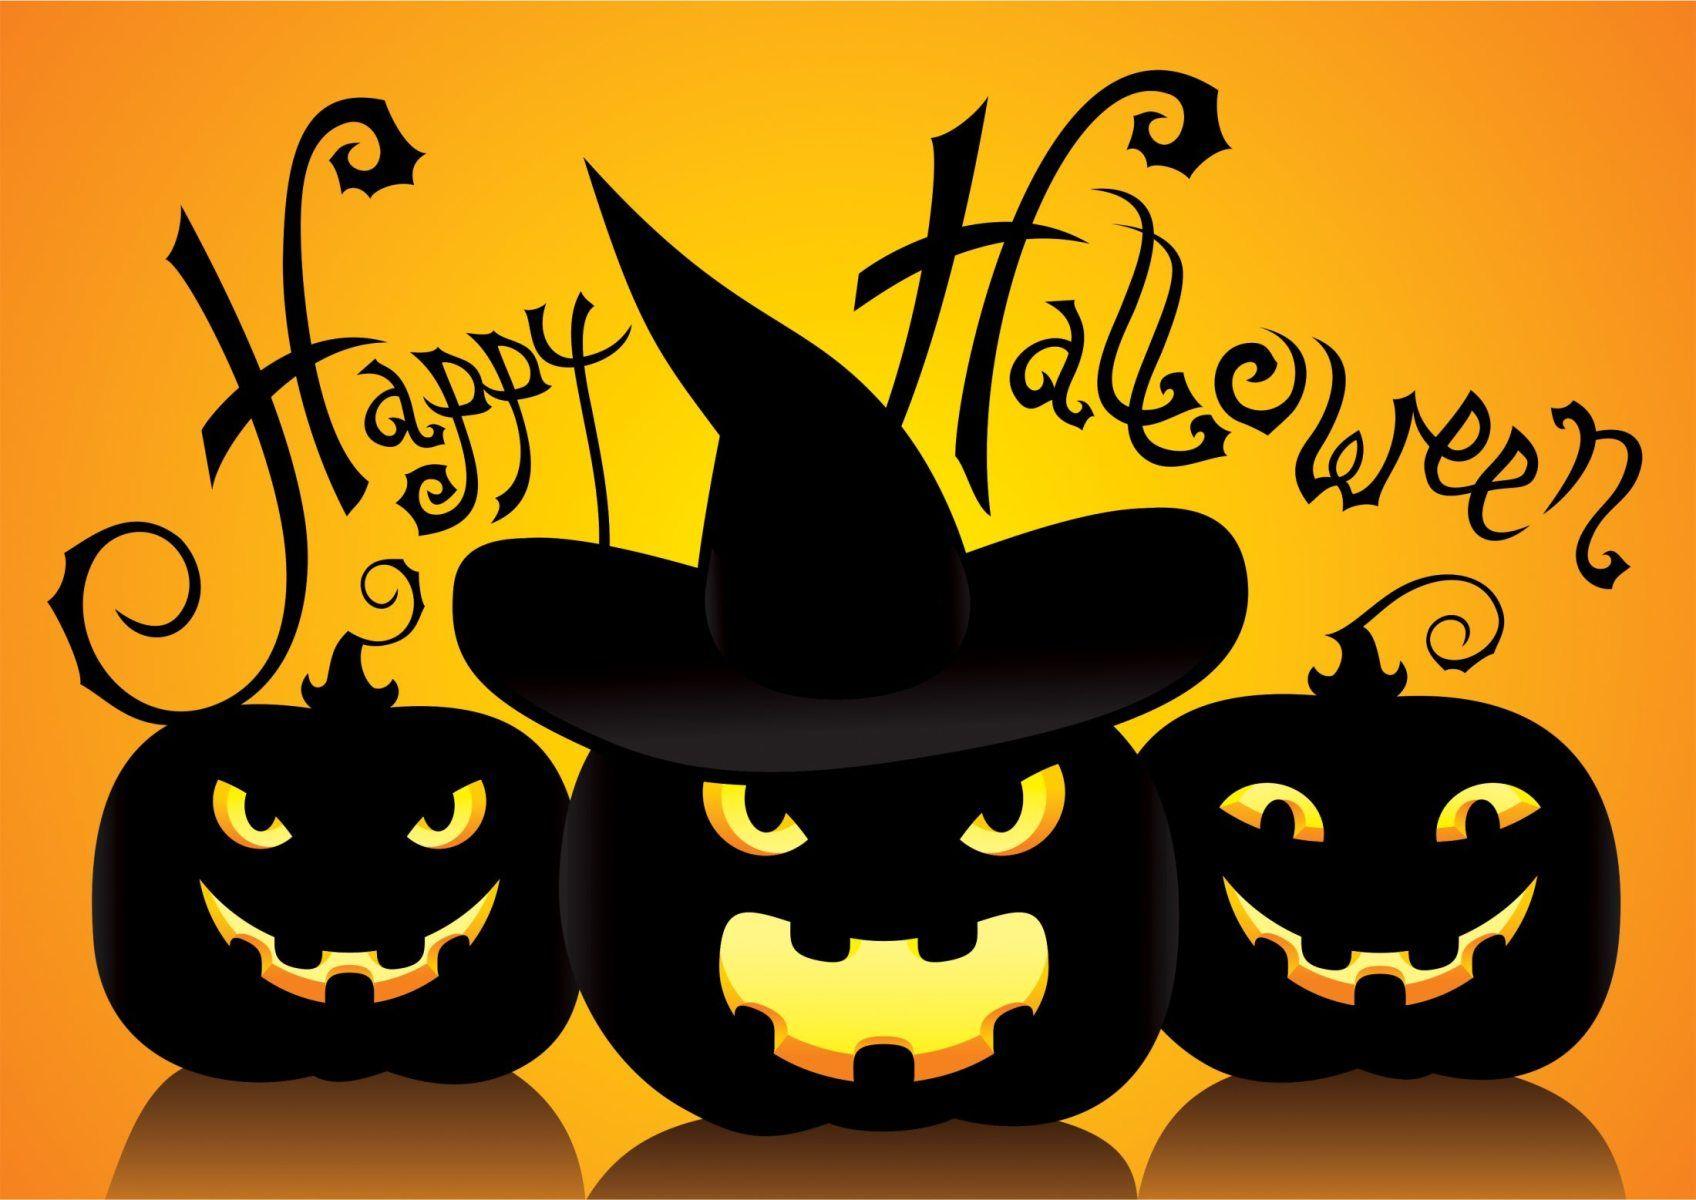 Halloween, or Hallowe'en (/ˌhæləˈwiːn, oʊˈiːn, ˌhɑːl/; a